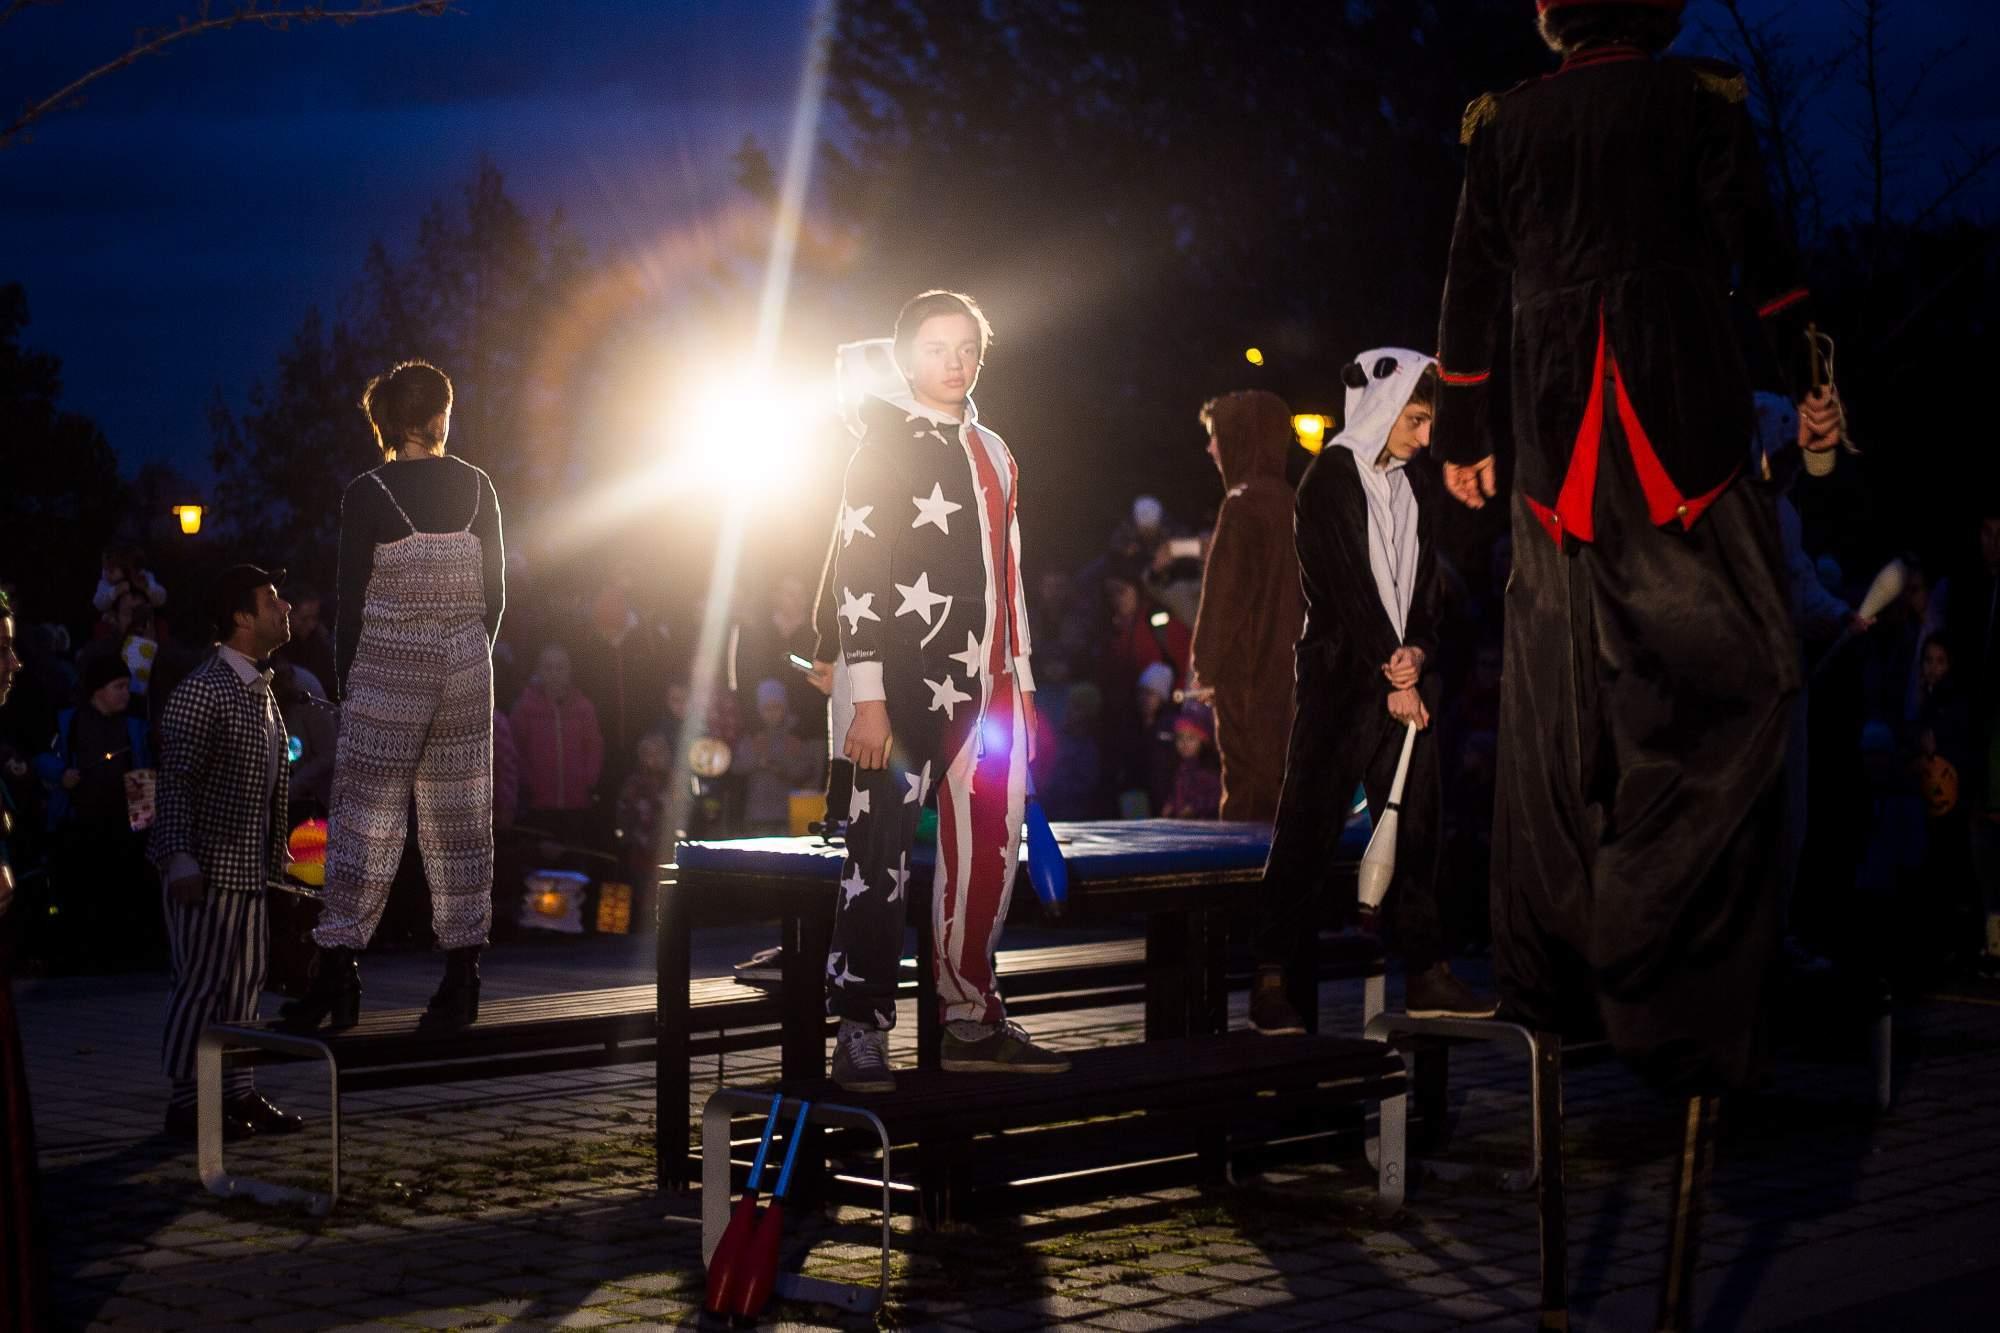 Jako první vystoupili žongléři v různobarevných oblecích. Foto: Kristýna Čermáková